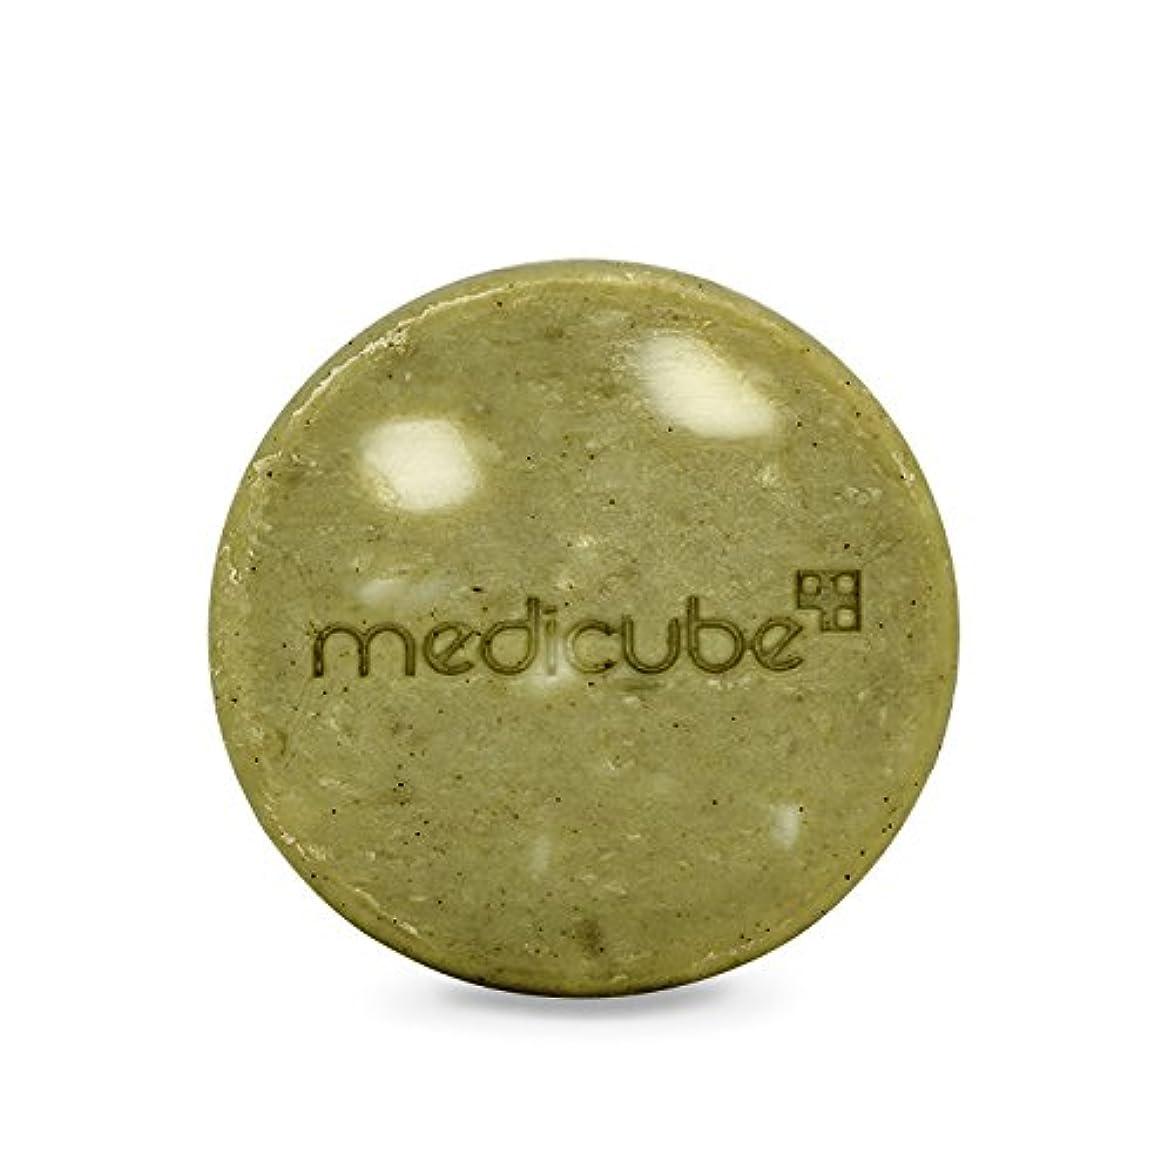 ポップサラミ病な[Medicube]Red Body Bar / メディキューブレッドボディバー / 正品?海外直送商品 [並行輸入品]